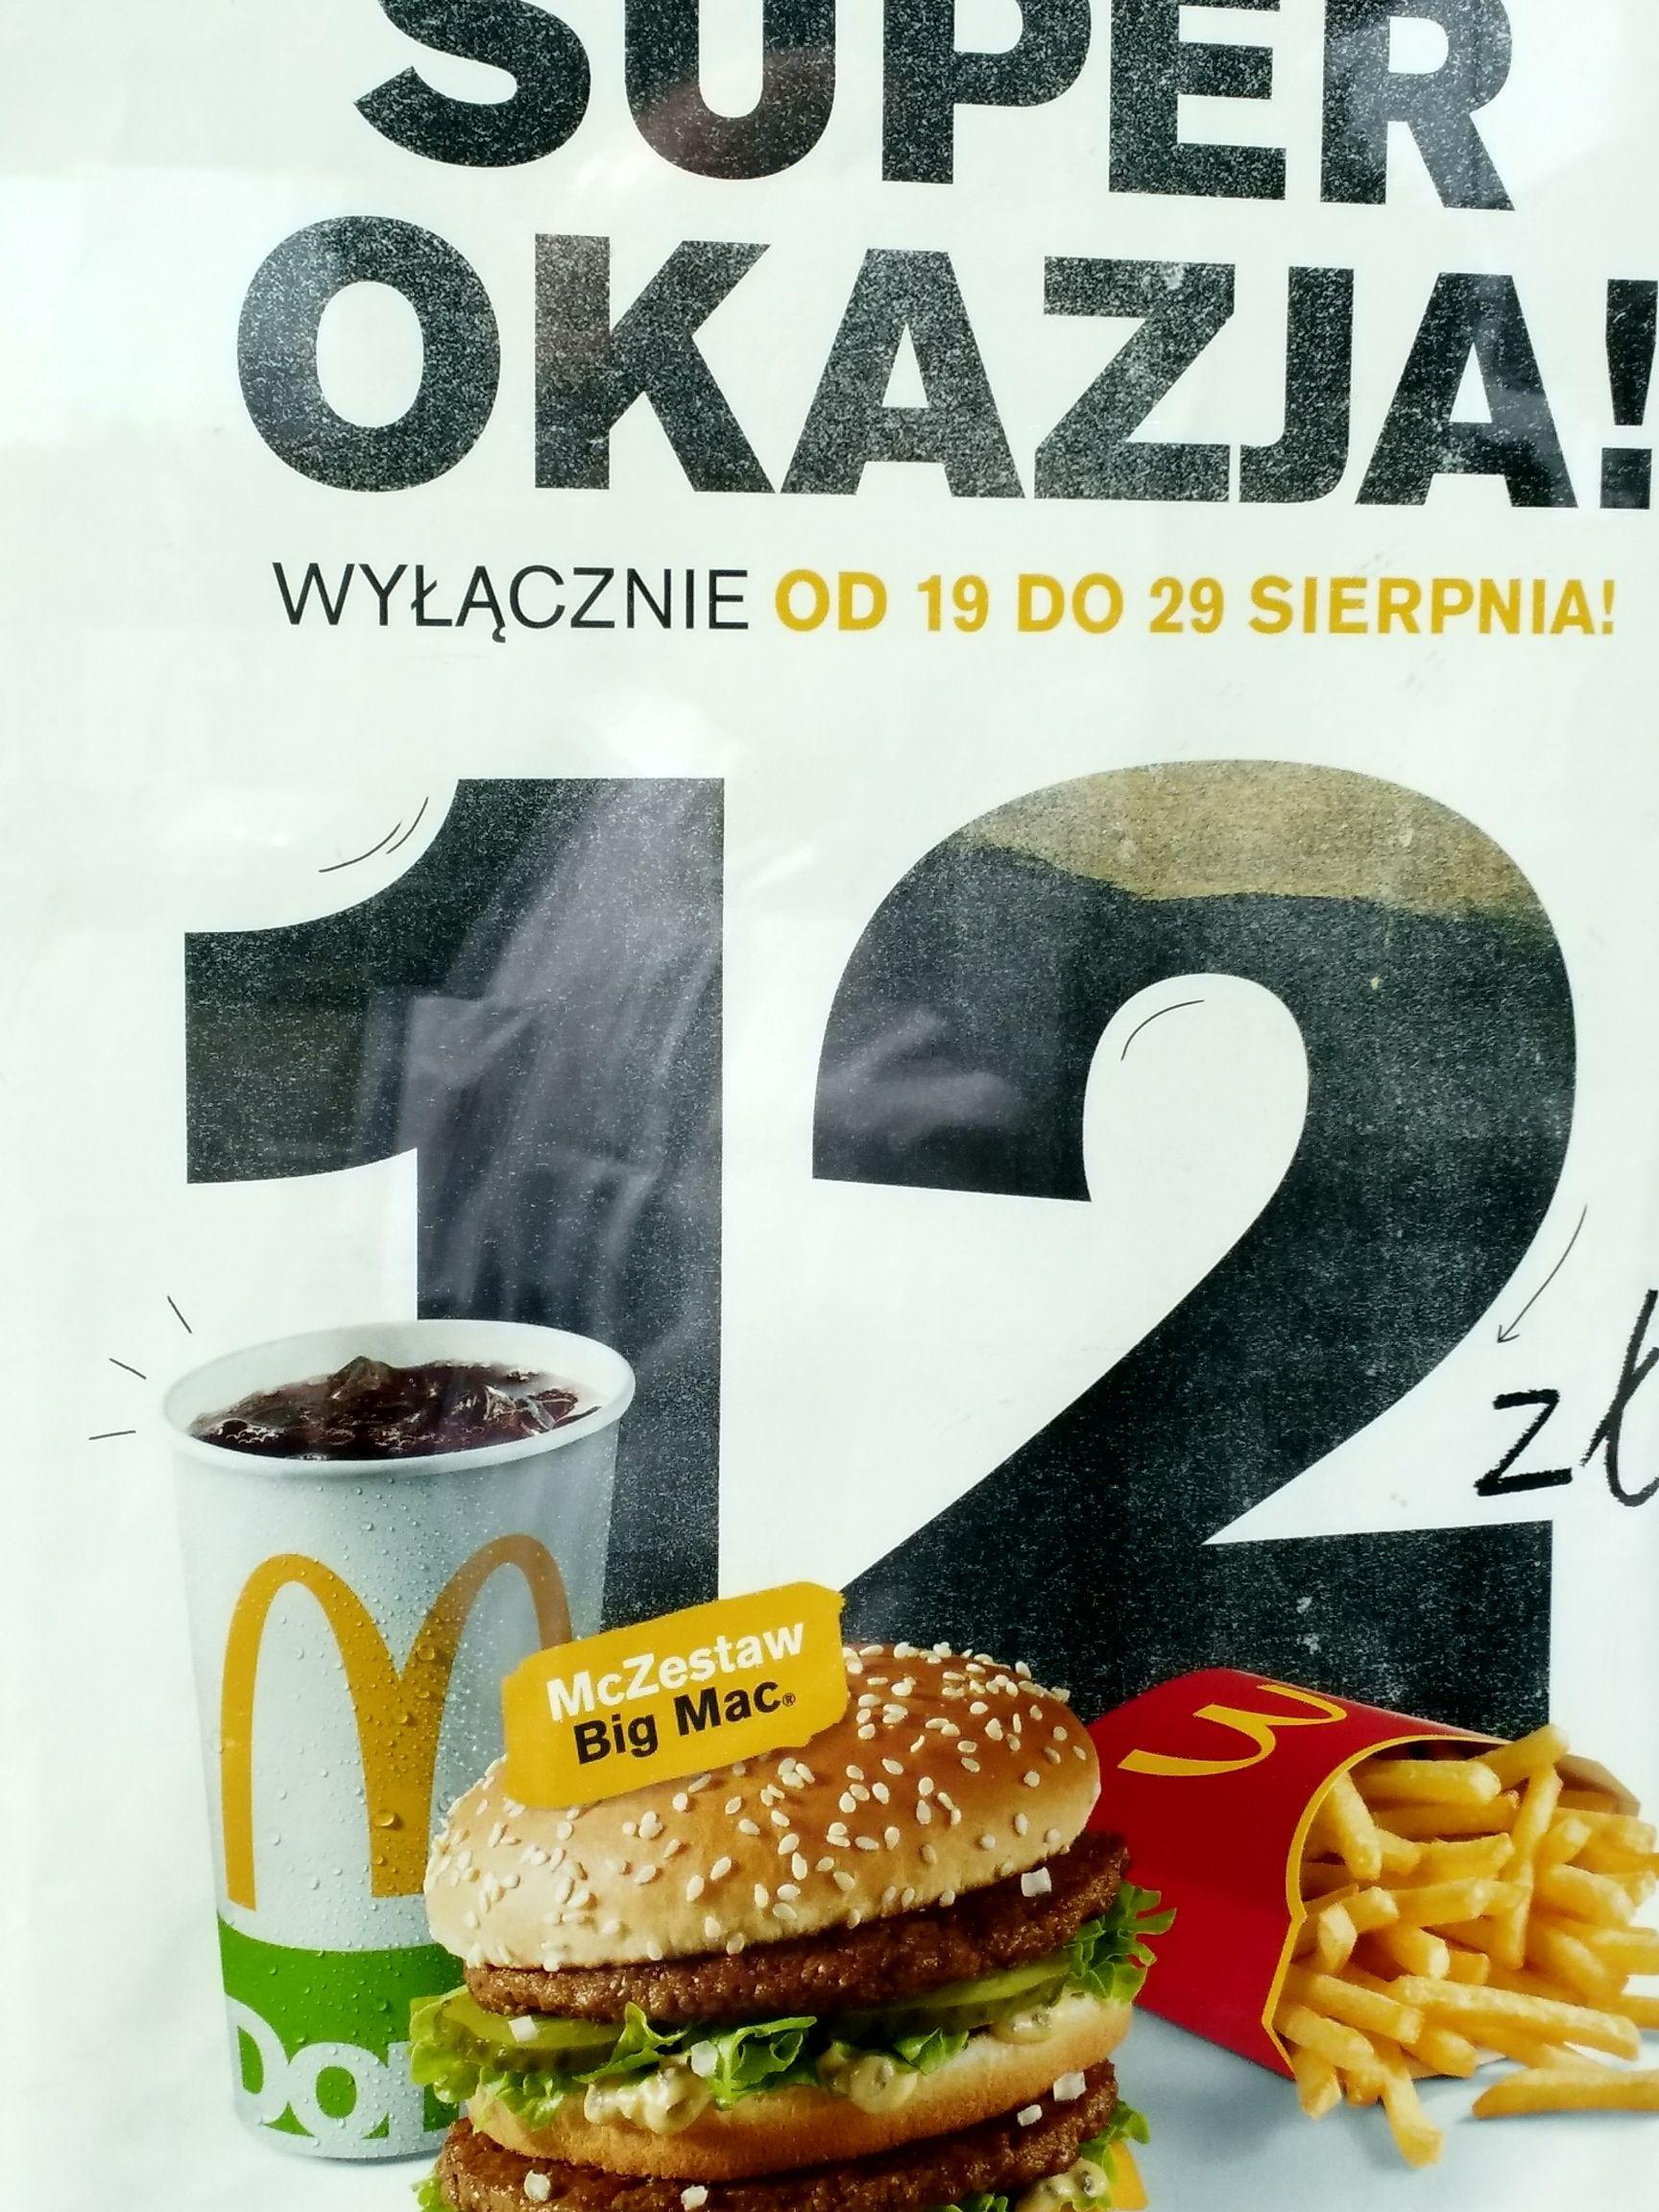 McDonald's Zestaw Big Mac za 12zł Lublin Spółdzielczości Pracy